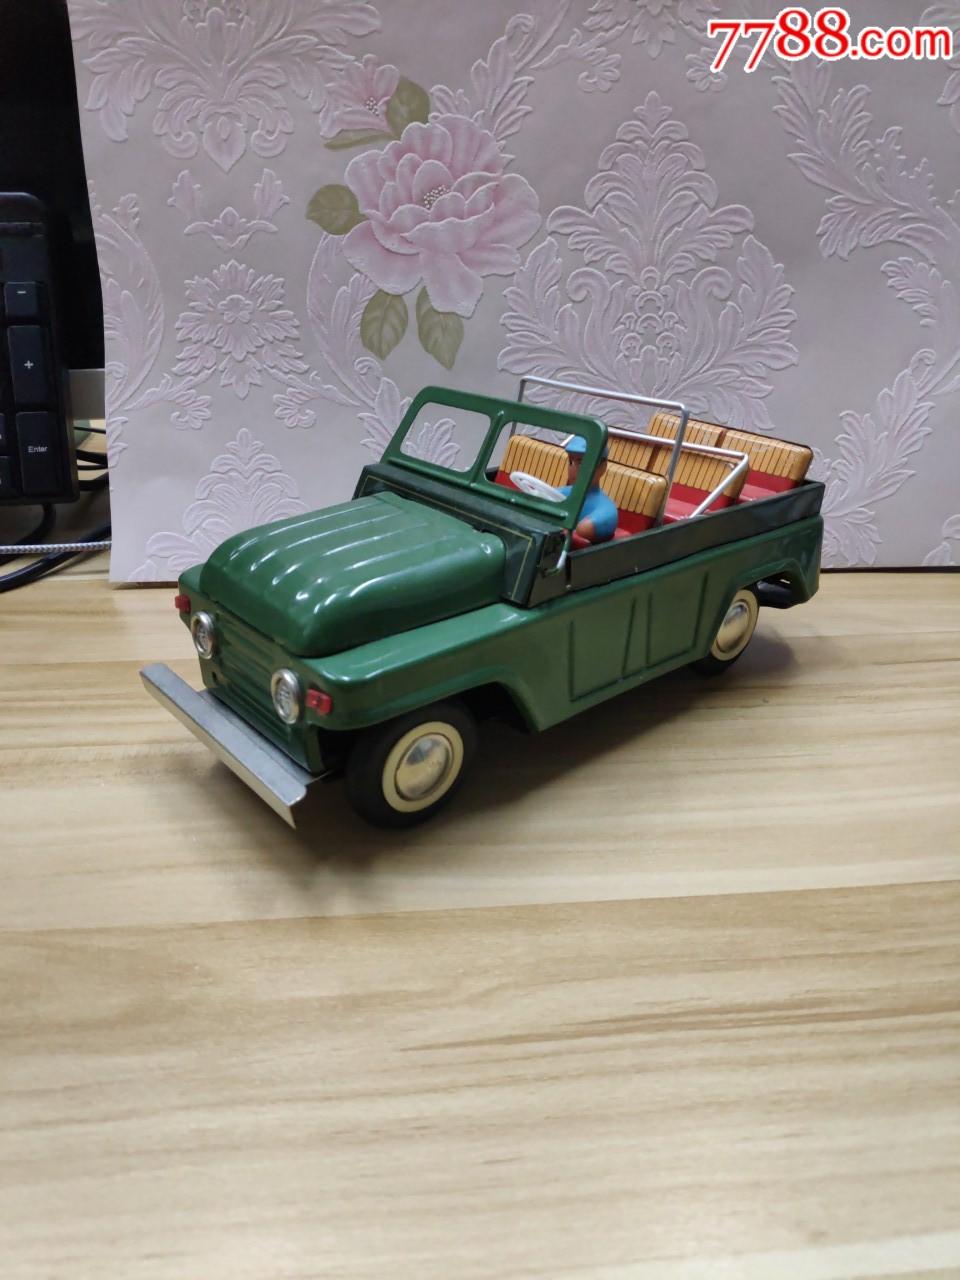 �F皮�T性北京212吉普��F皮玩具(au21680520)_